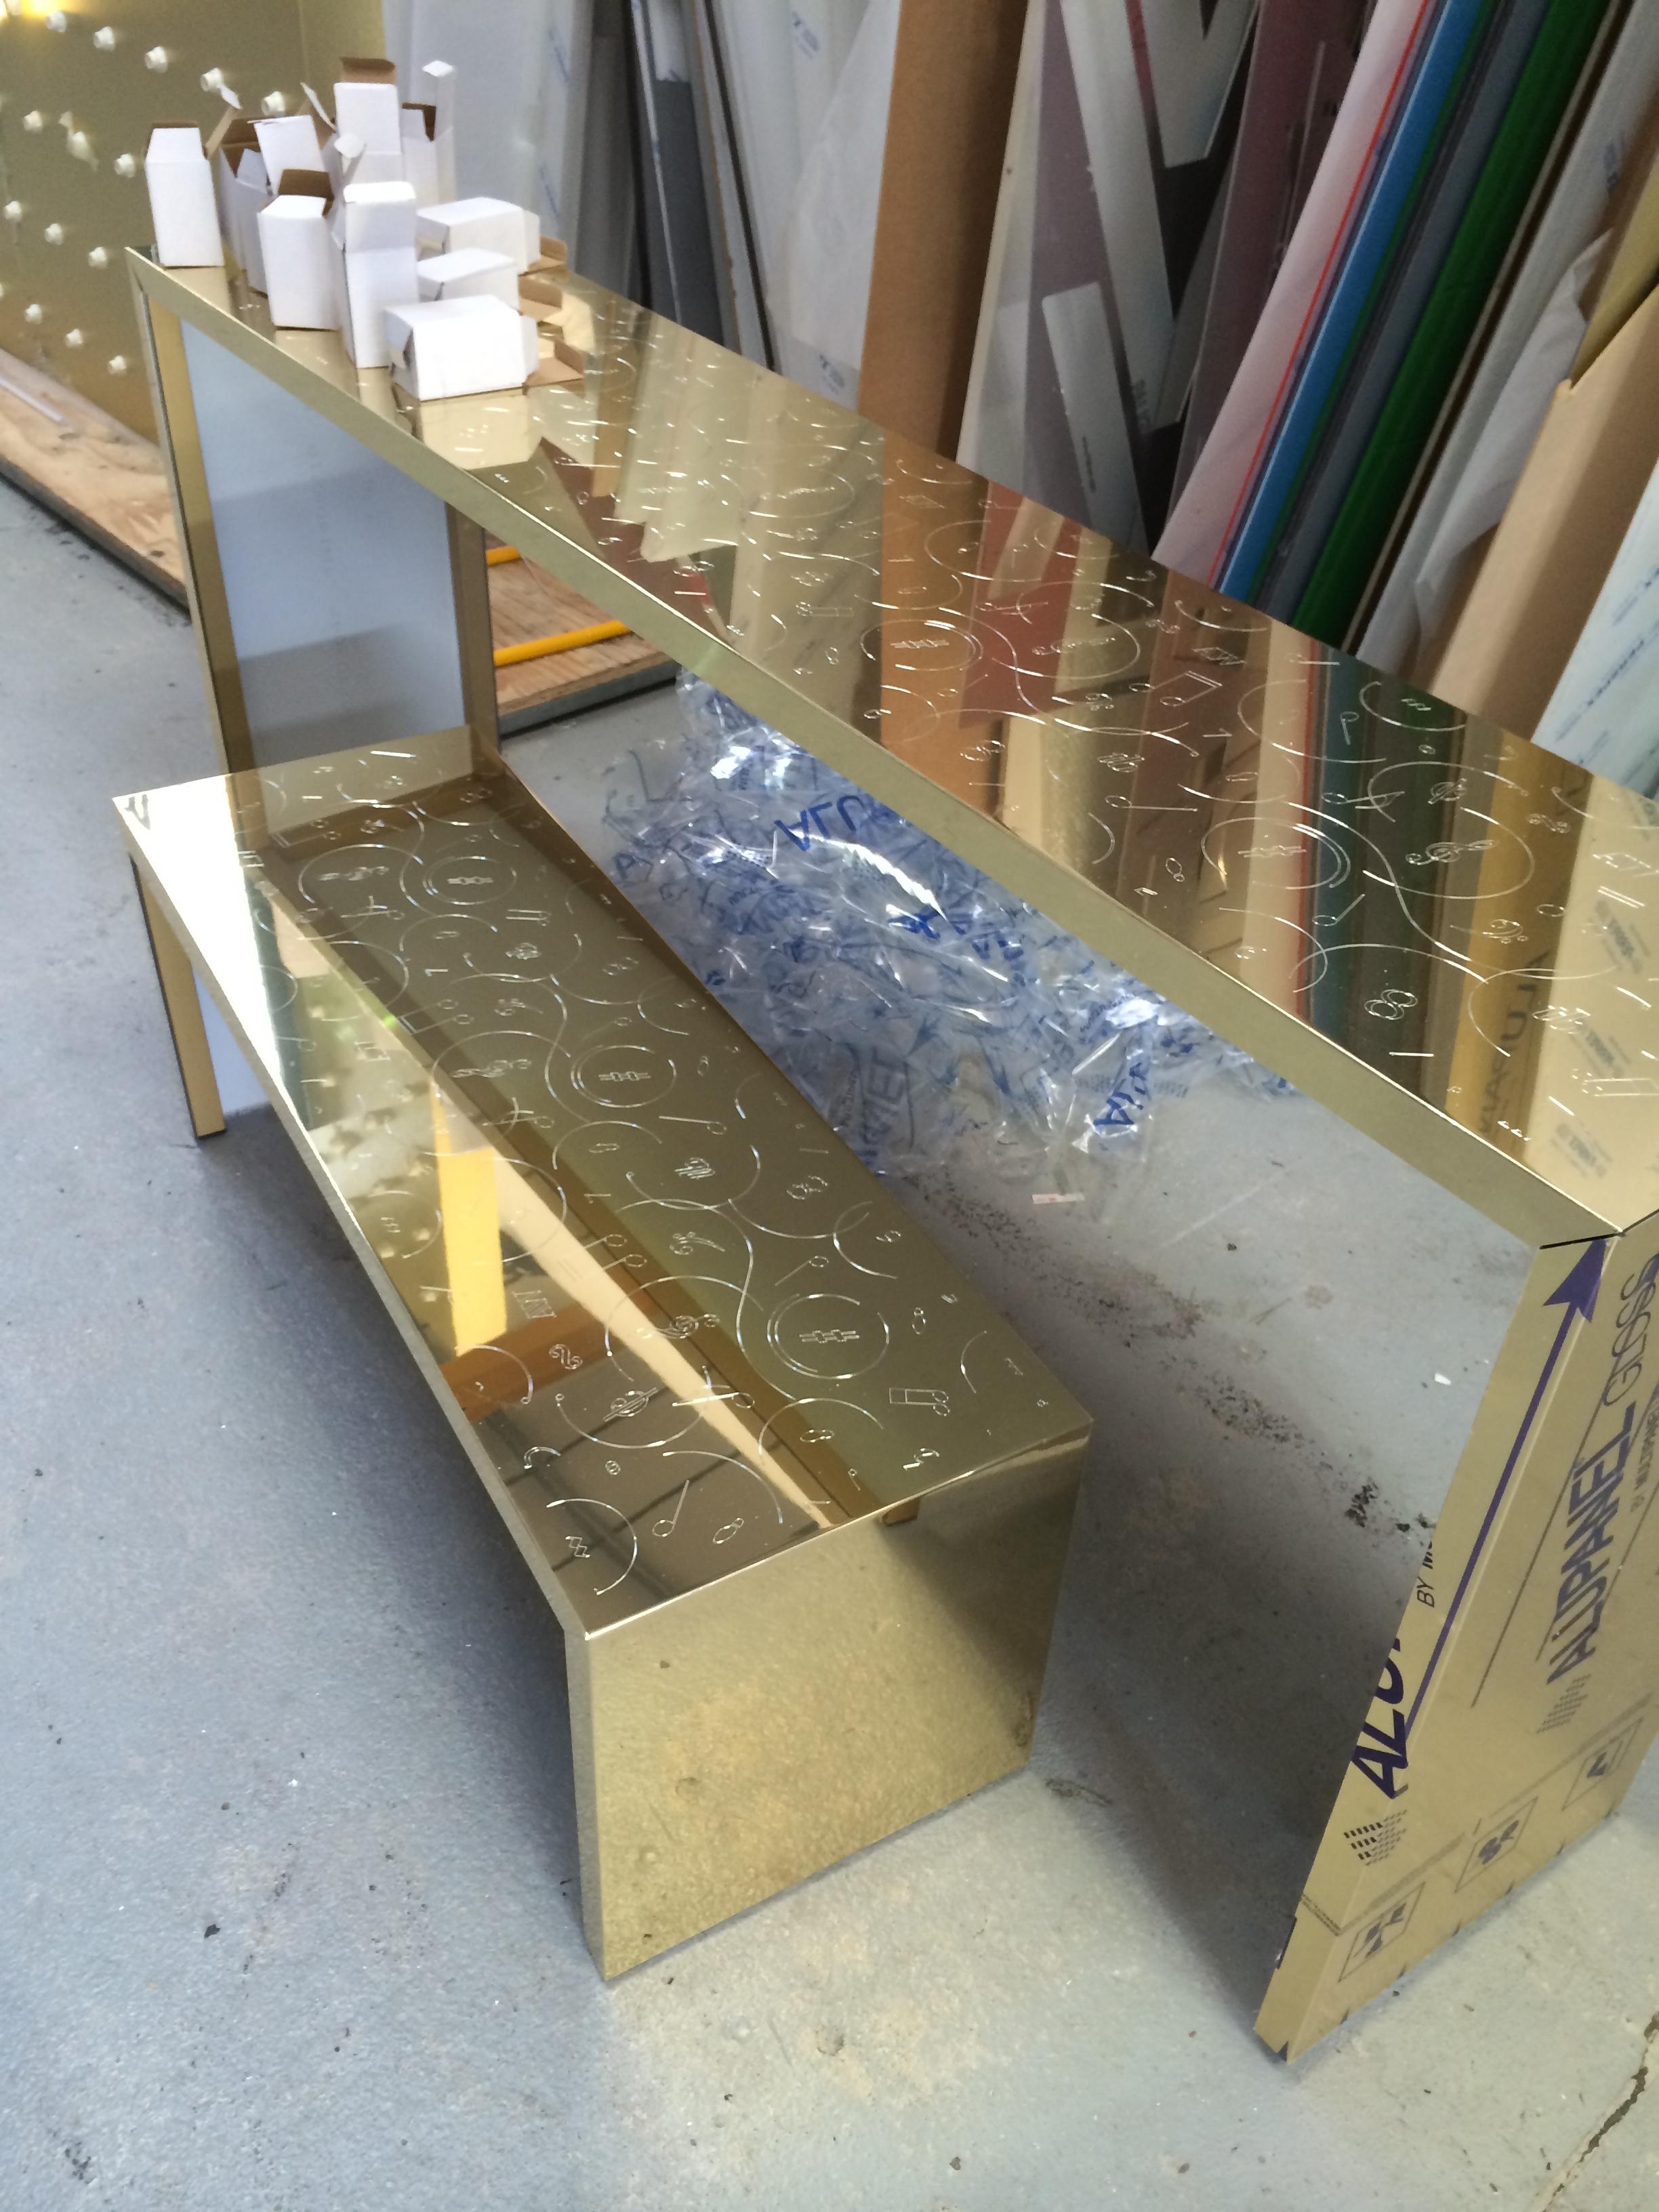 Engraved Dibond shelves